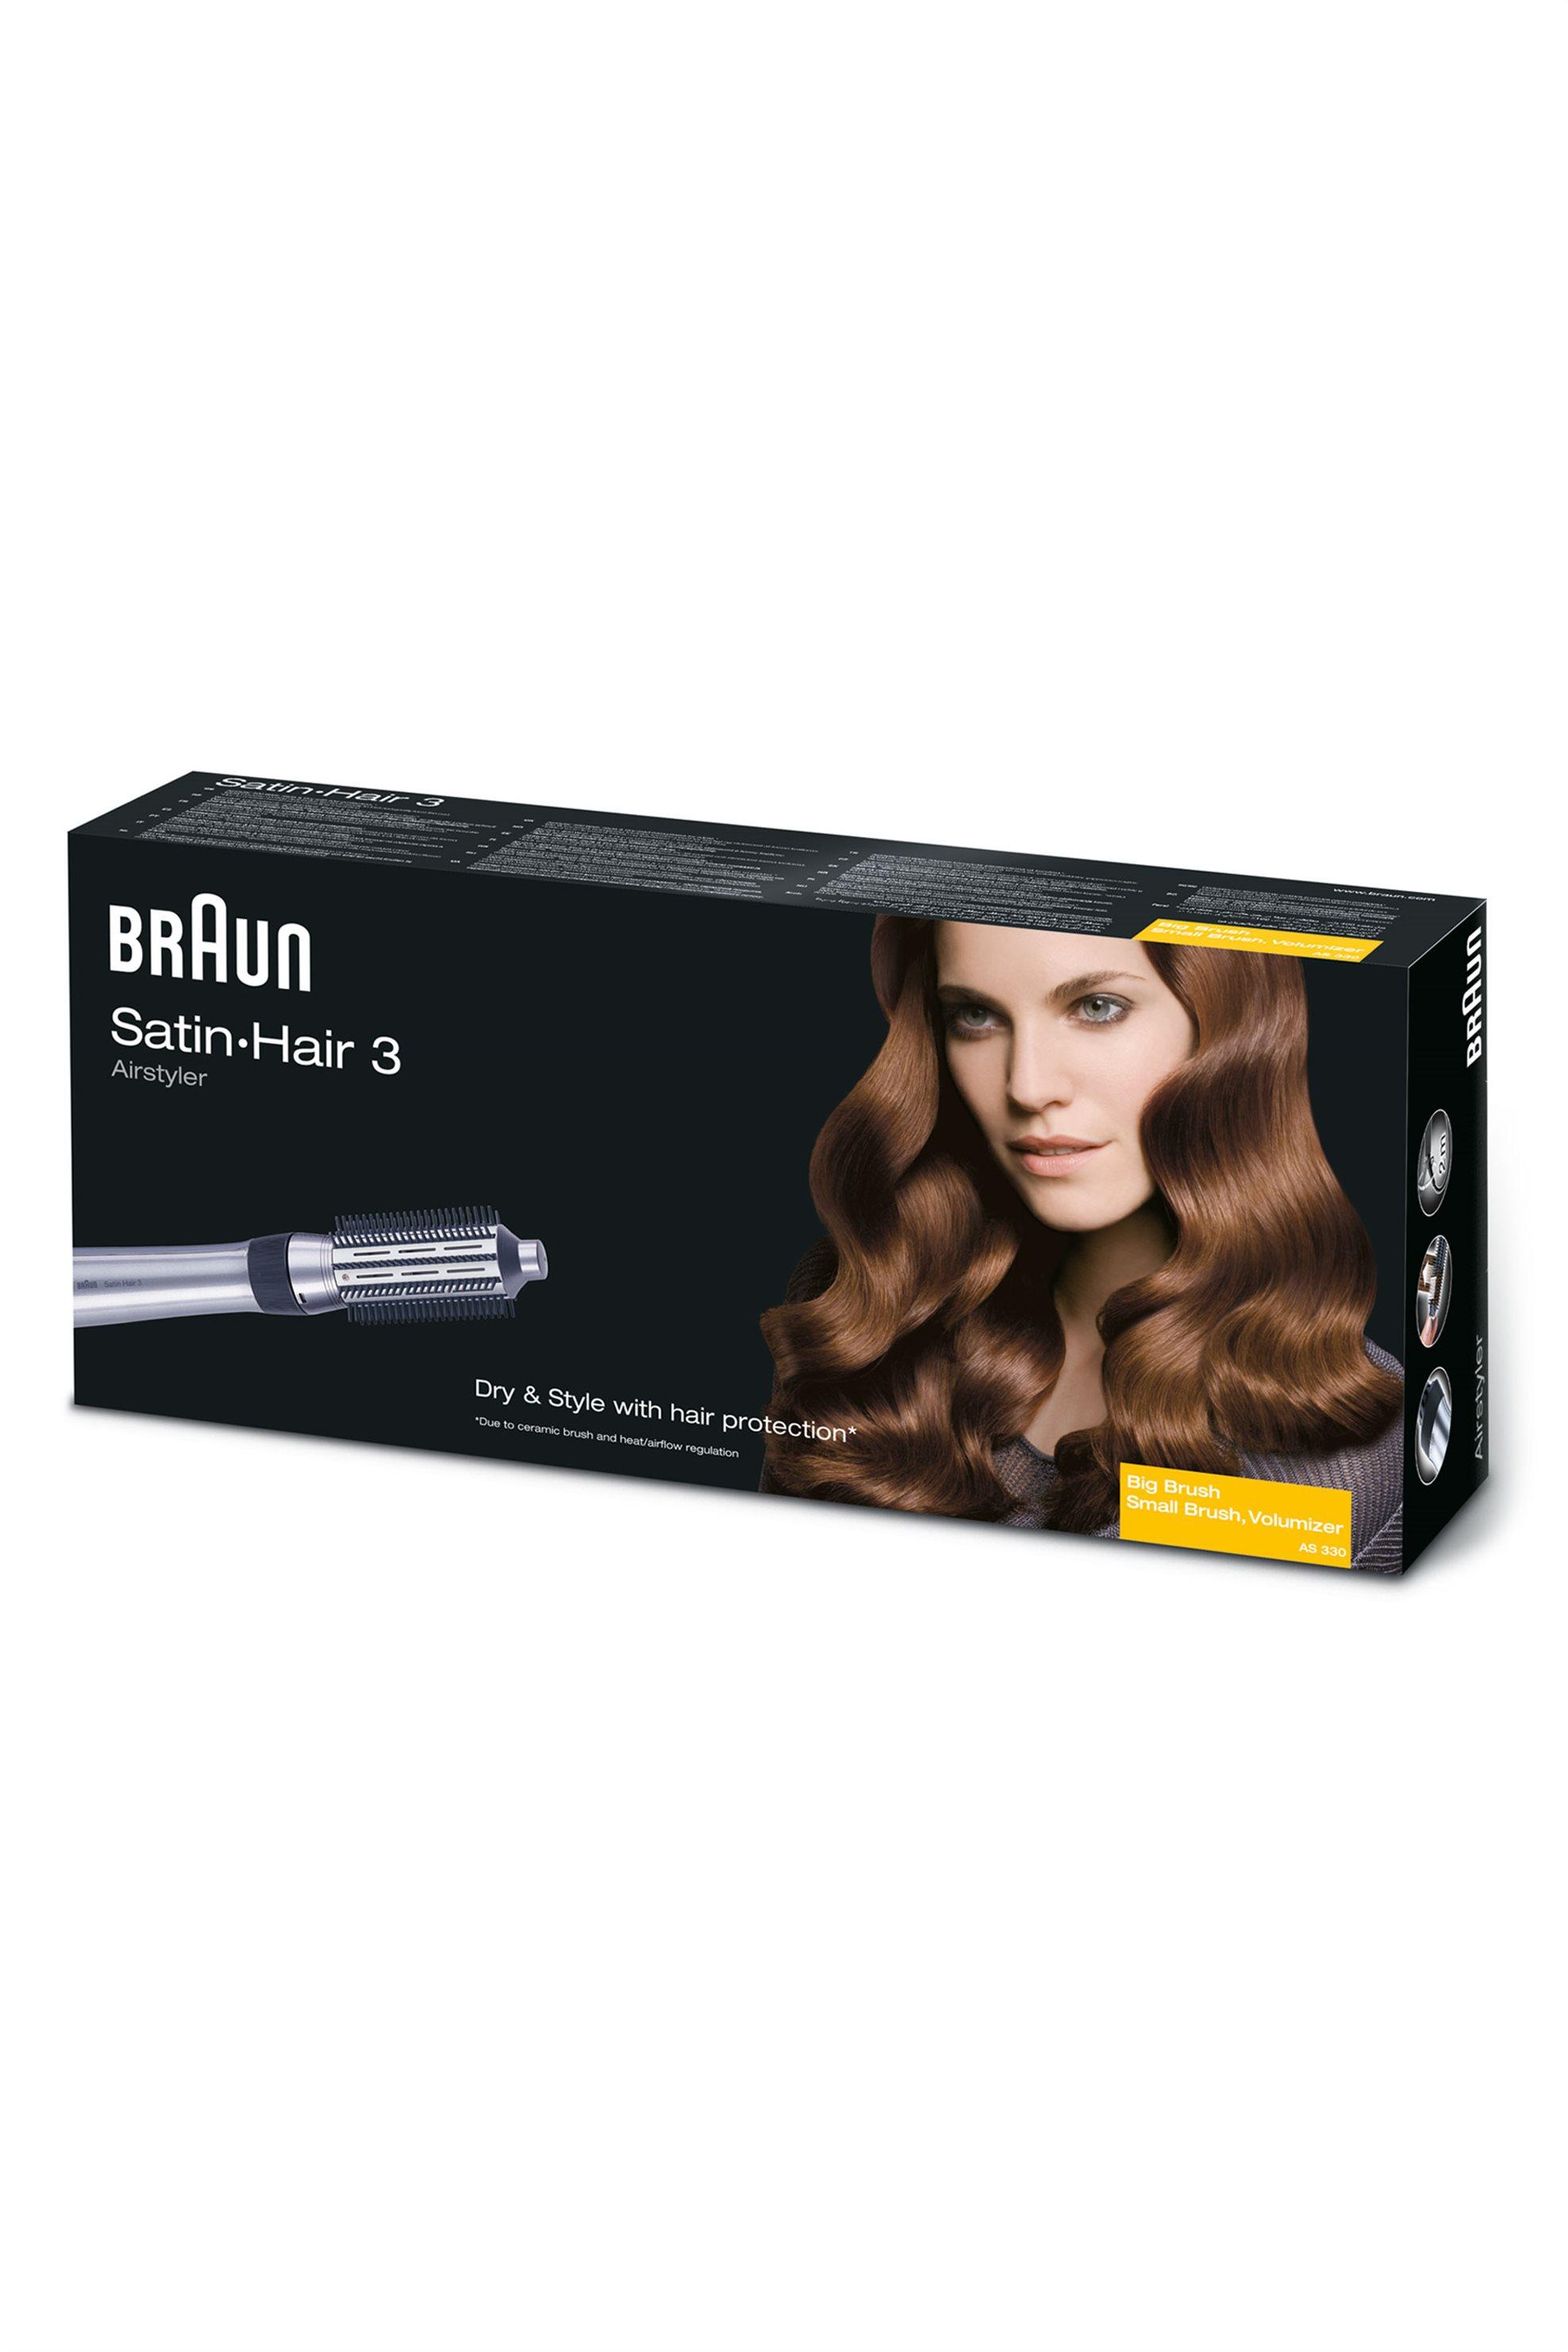 Ηλεκτρική βούρτσα Satin Hair 3 Airstyler AS400 Braun - AS400.V&S.1 home   συσκευεσ περιποιησησ   ψαλίδια μαλλιών